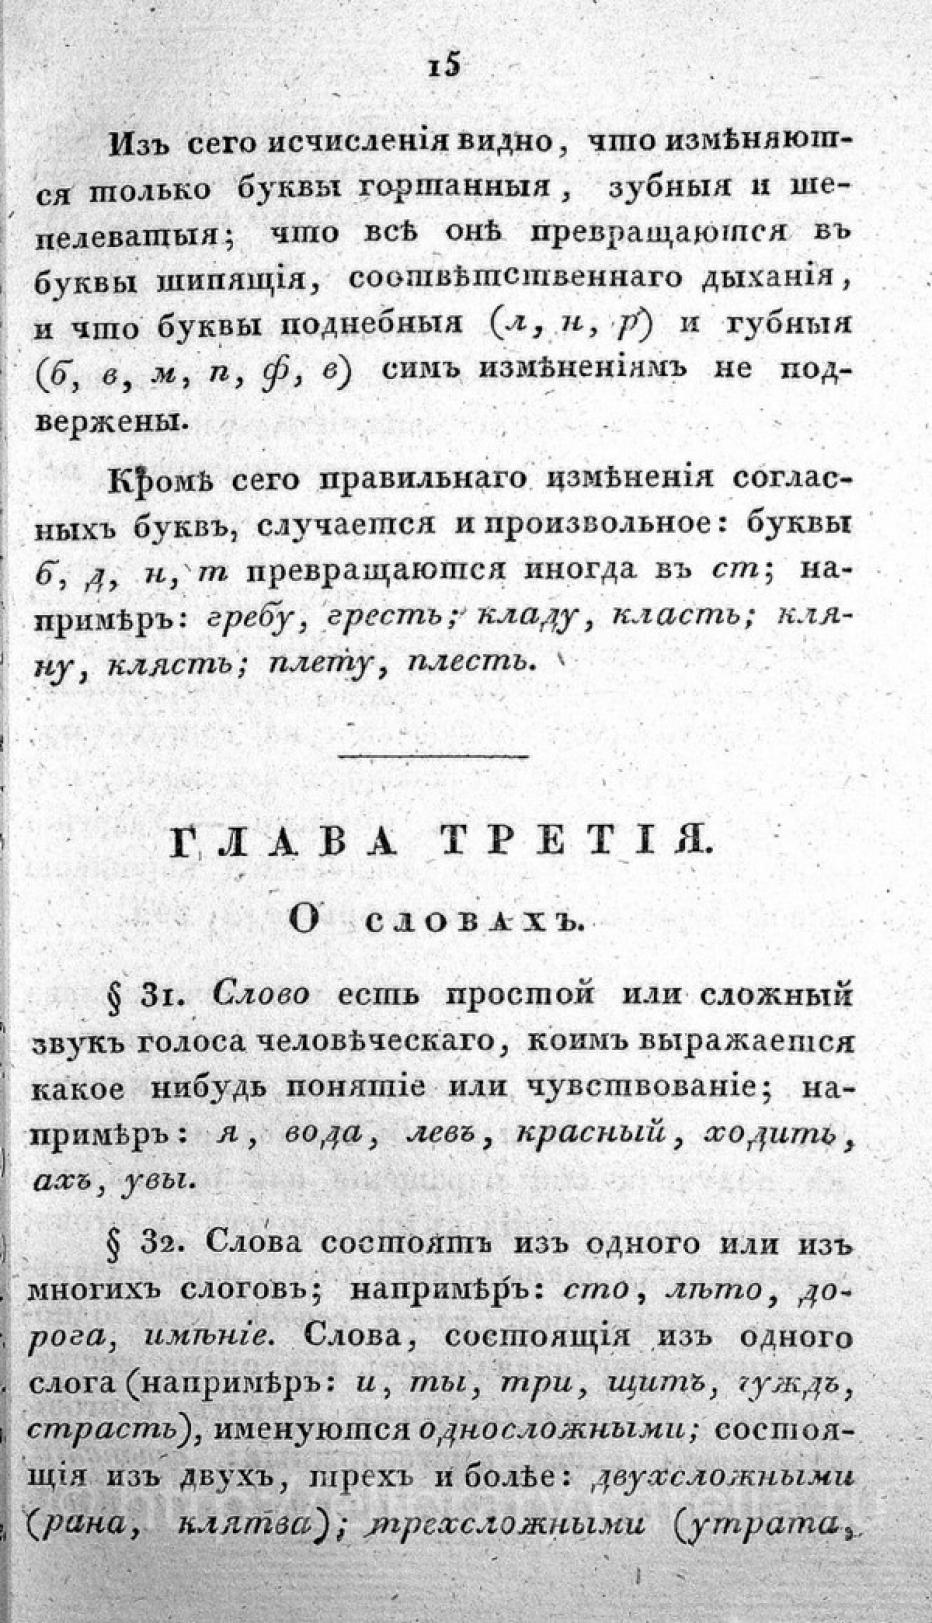 http://images.vfl.ru/ii/1406799440/febec21d/5856461.jpg